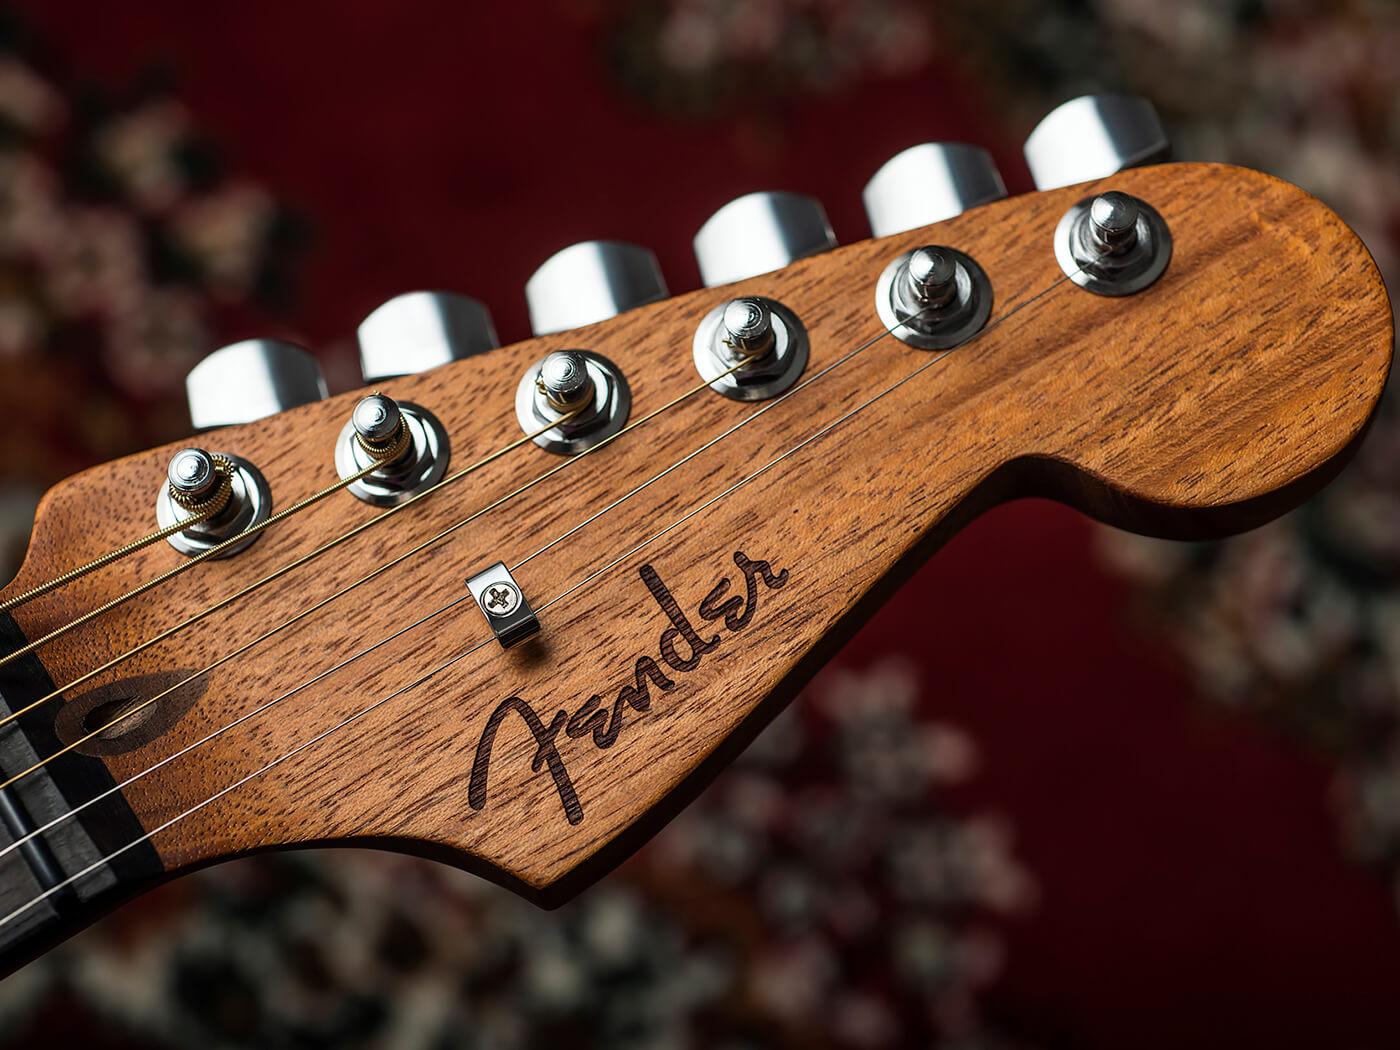 Fender American Acoustasonic Stratocaster Headstock